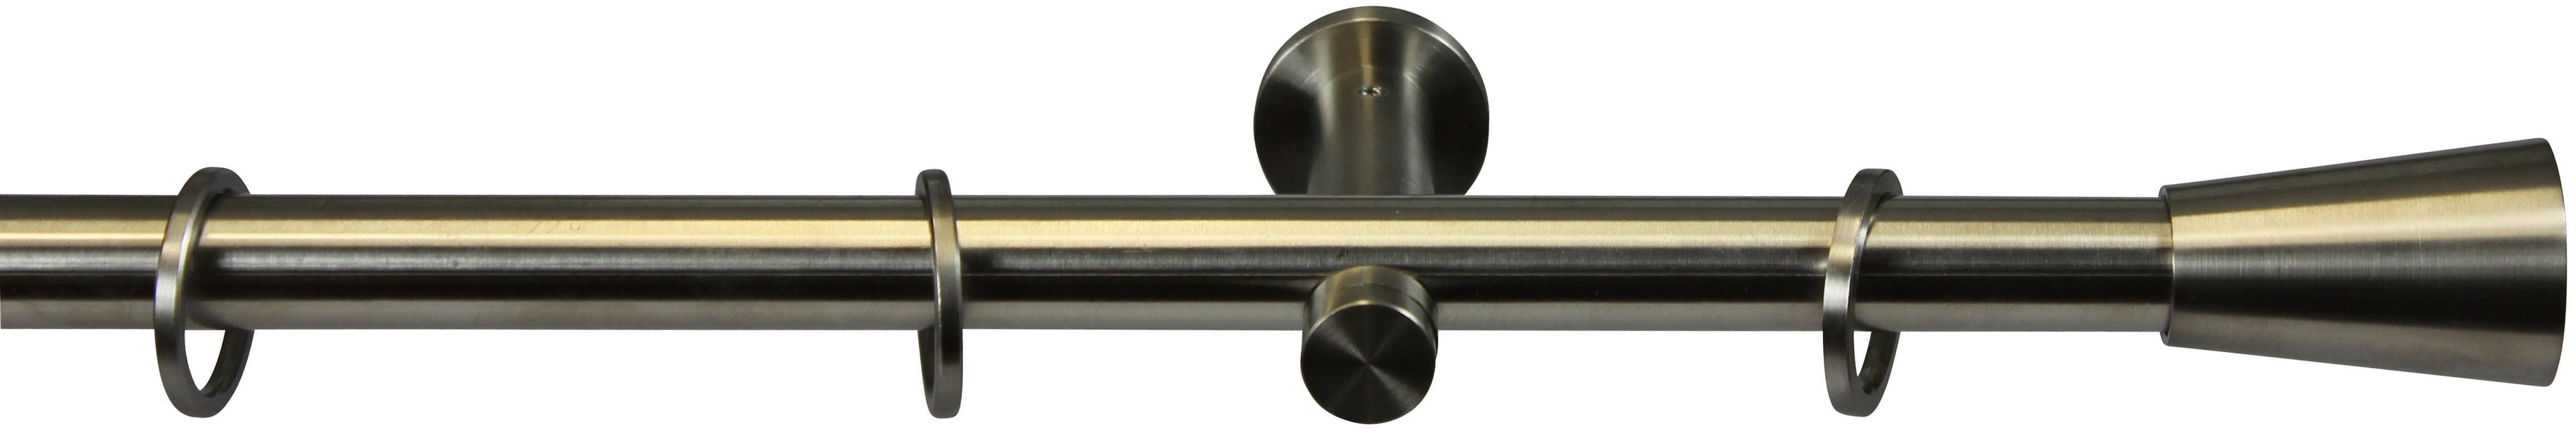 Gardinenstange, Garesa, »Sabin«, Ø 16mm, 1-läufig nach Maß